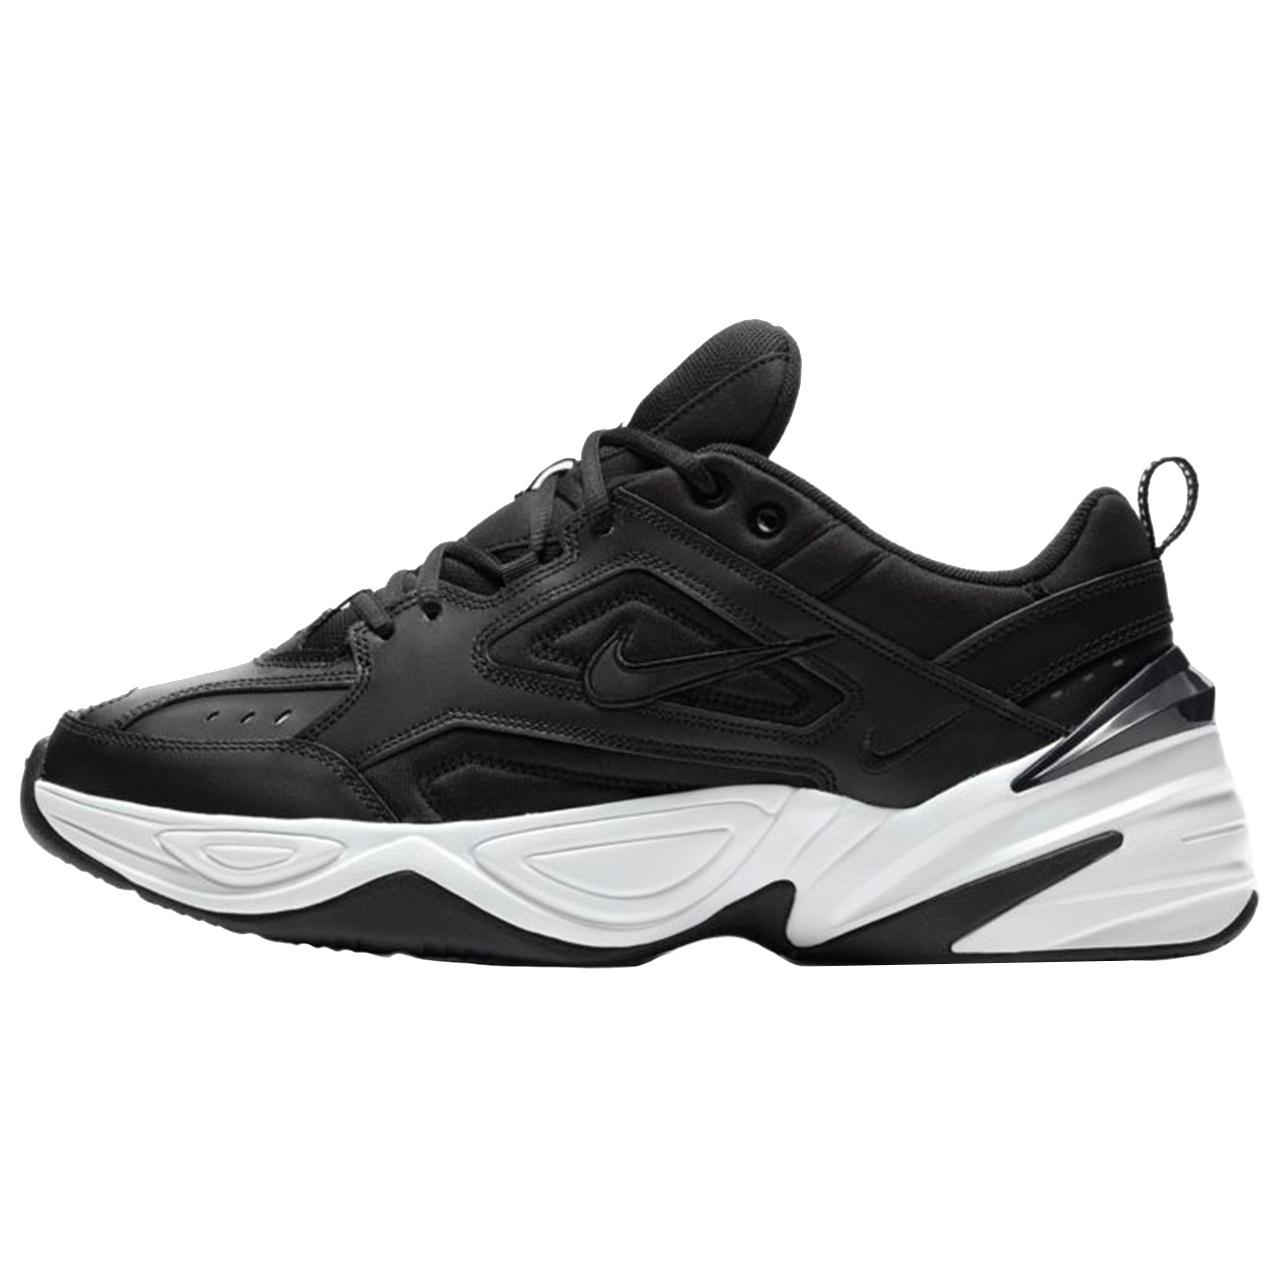 کفش مخصوص دویدن مردانه نایکی مدل  M2K Tekno - AV4789-002